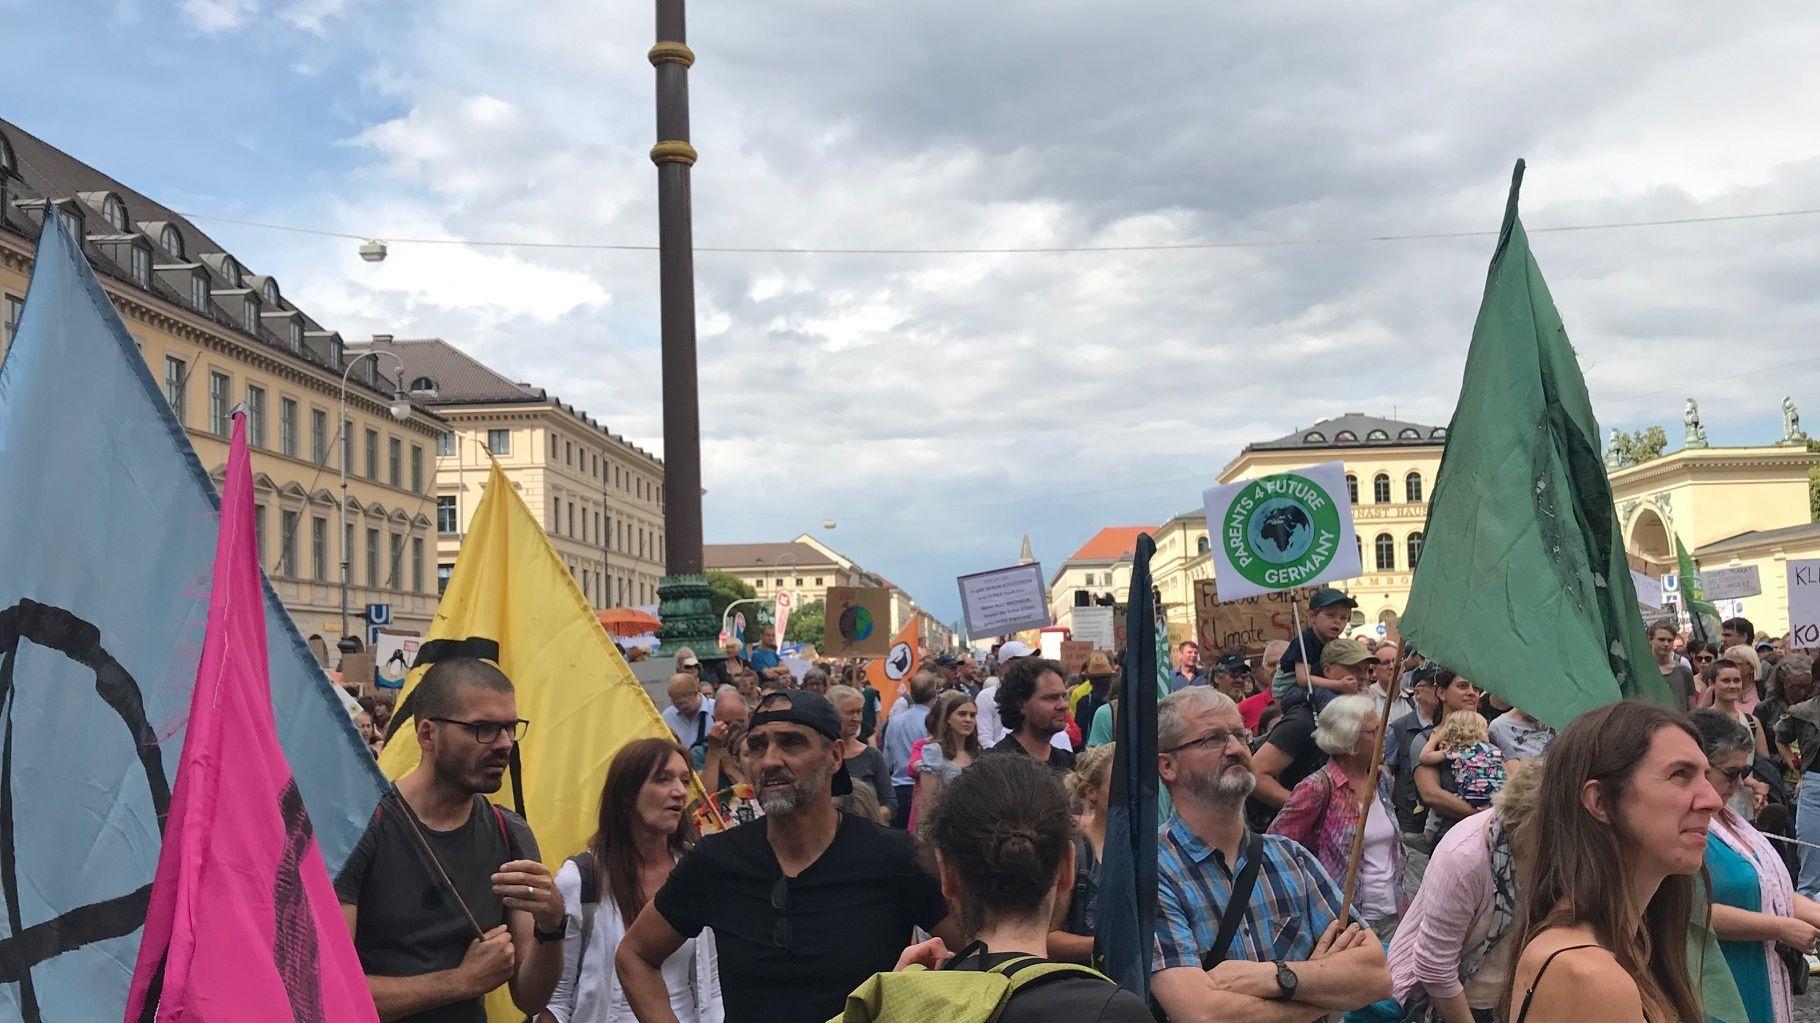 """Demonstrierende bei """"Munich for Future"""" mit Plakaten und Fahnen unter wolkenverhangenem Himmel"""